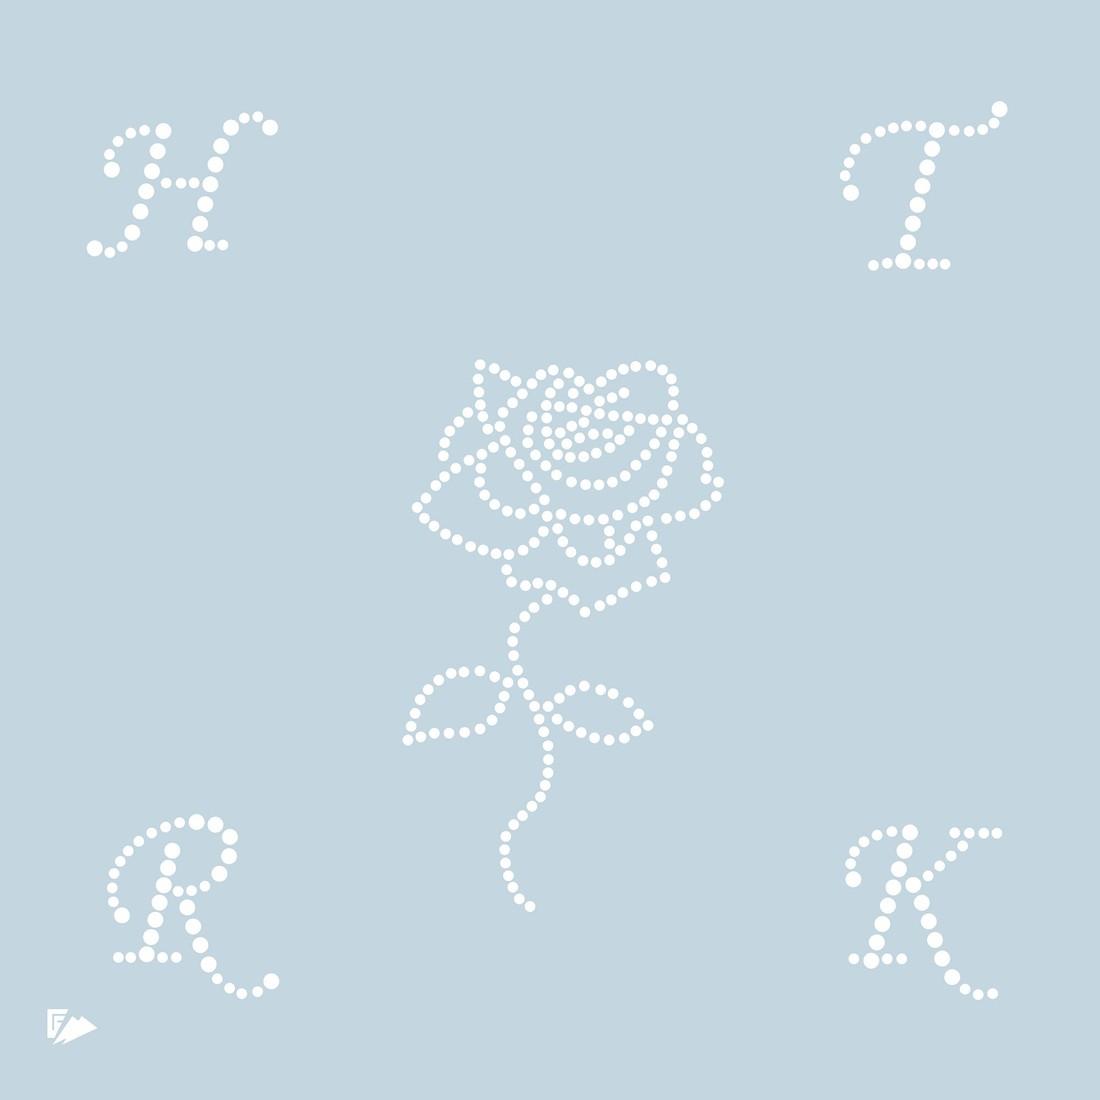 HTRK new album 2021 Rhinestones